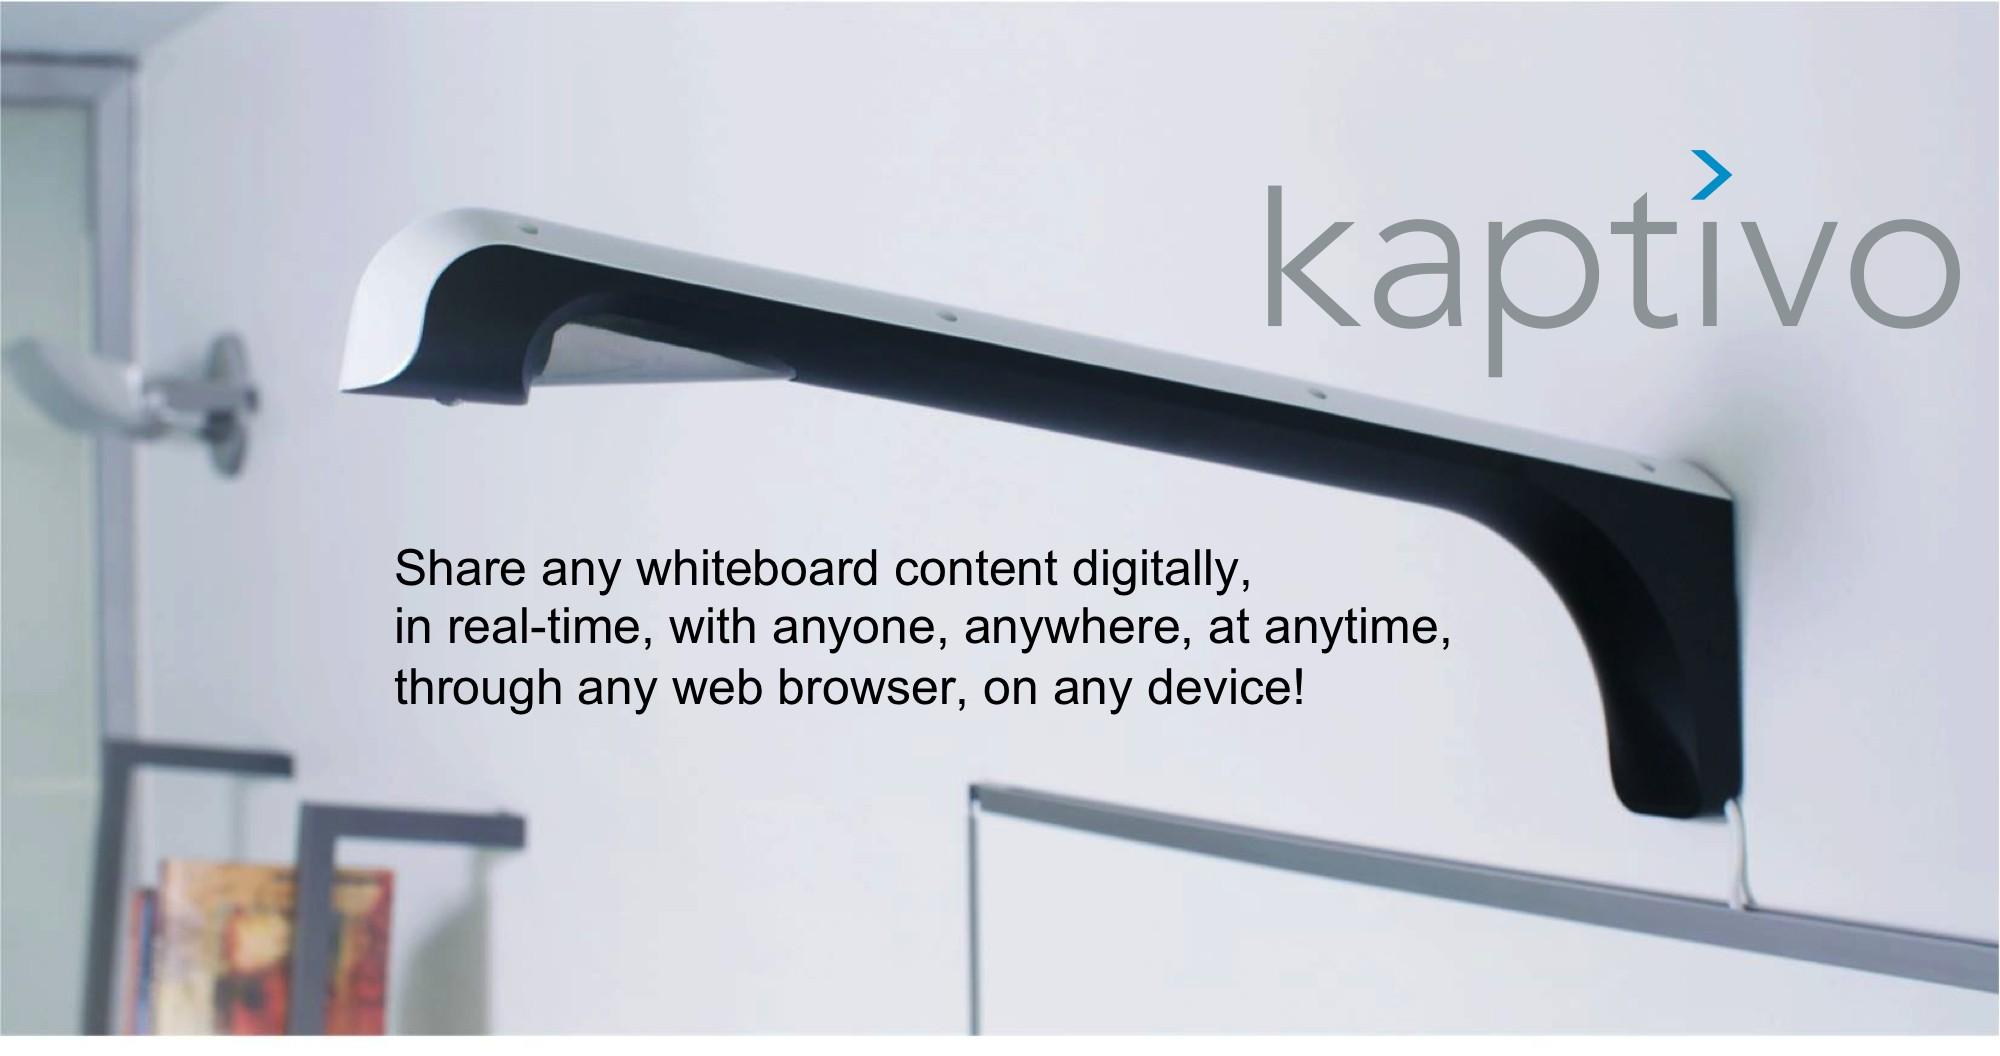 Kaptivo es parte de Lifesize y complementa las pizarras blancas con las videoconferencias